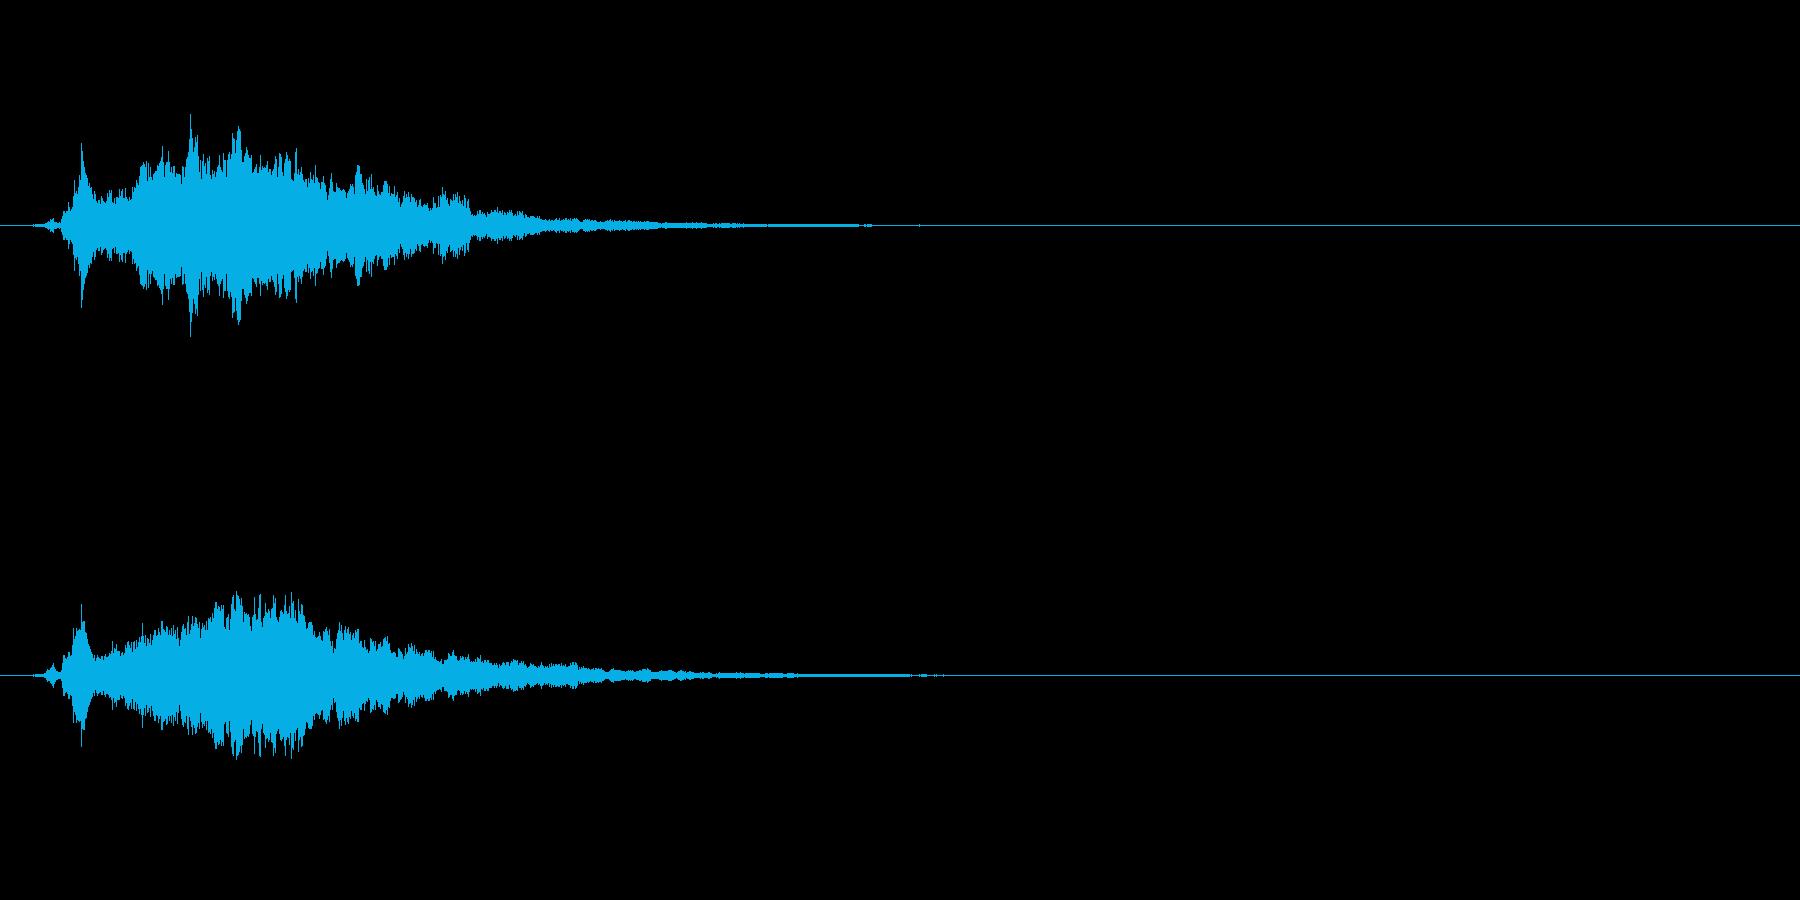 【サウンドロゴ】ベル系シンセ_01の再生済みの波形